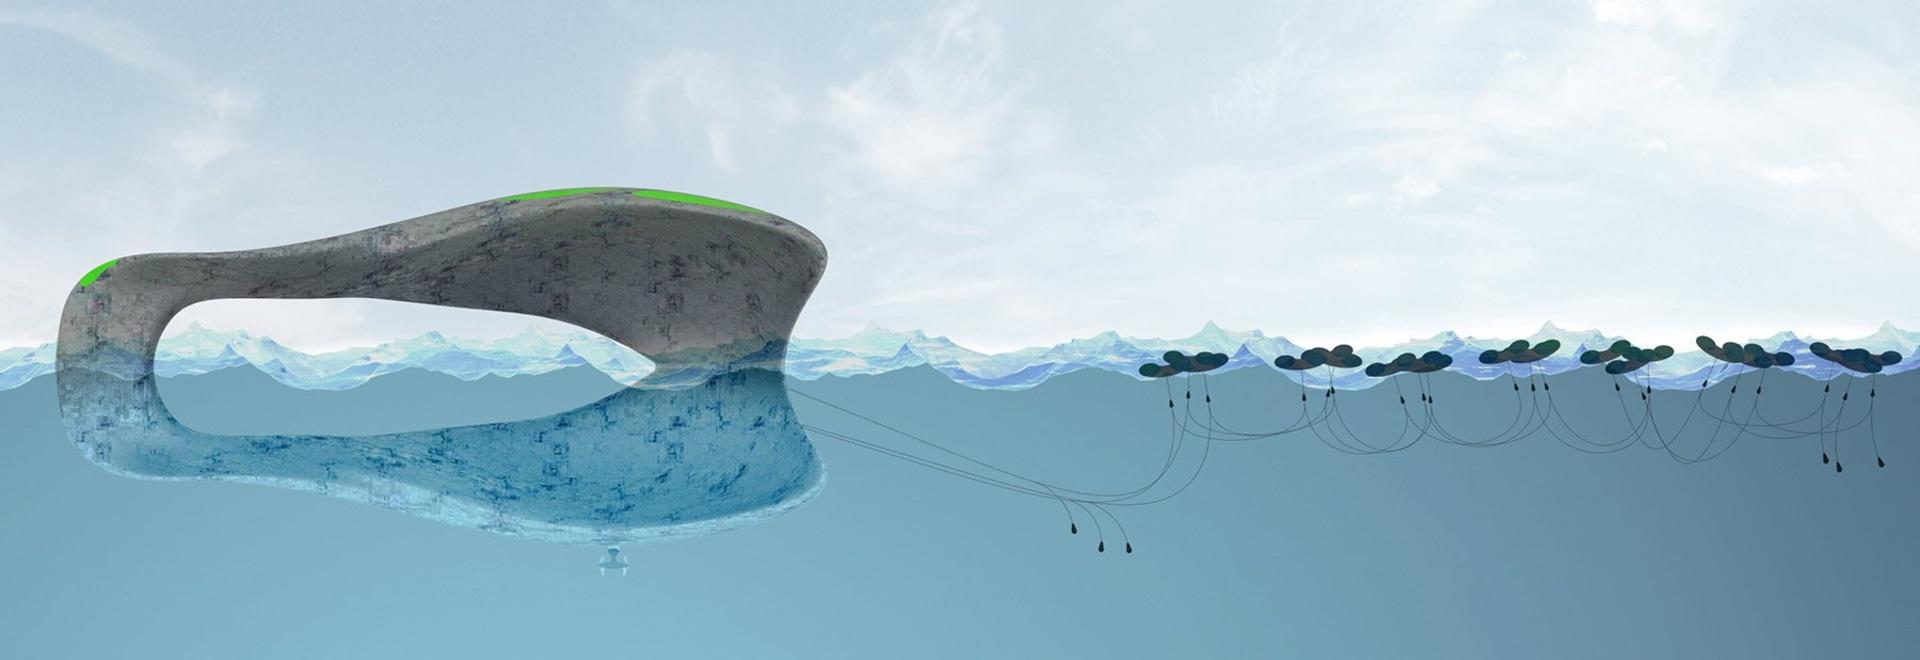 l'unità abitativa di galleggiamento flolony da hov offre vivere indipendente sul mare aperto